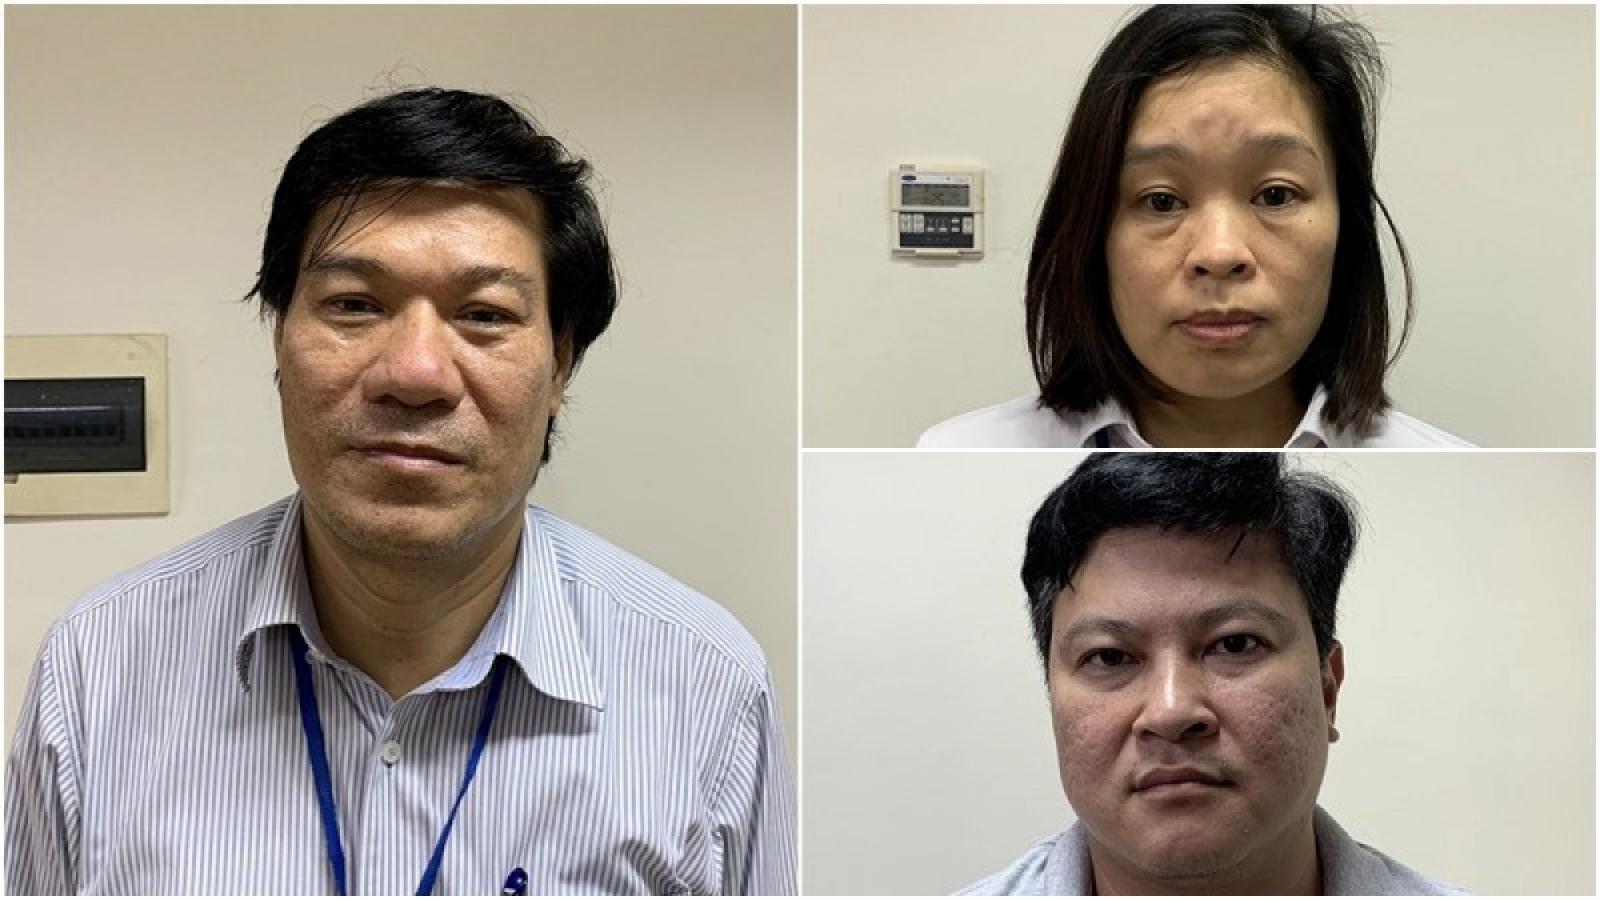 Ngày 10/12 xét xử vụ vi phạm về đấu thầu xảy ra tại CDC Hà Nội